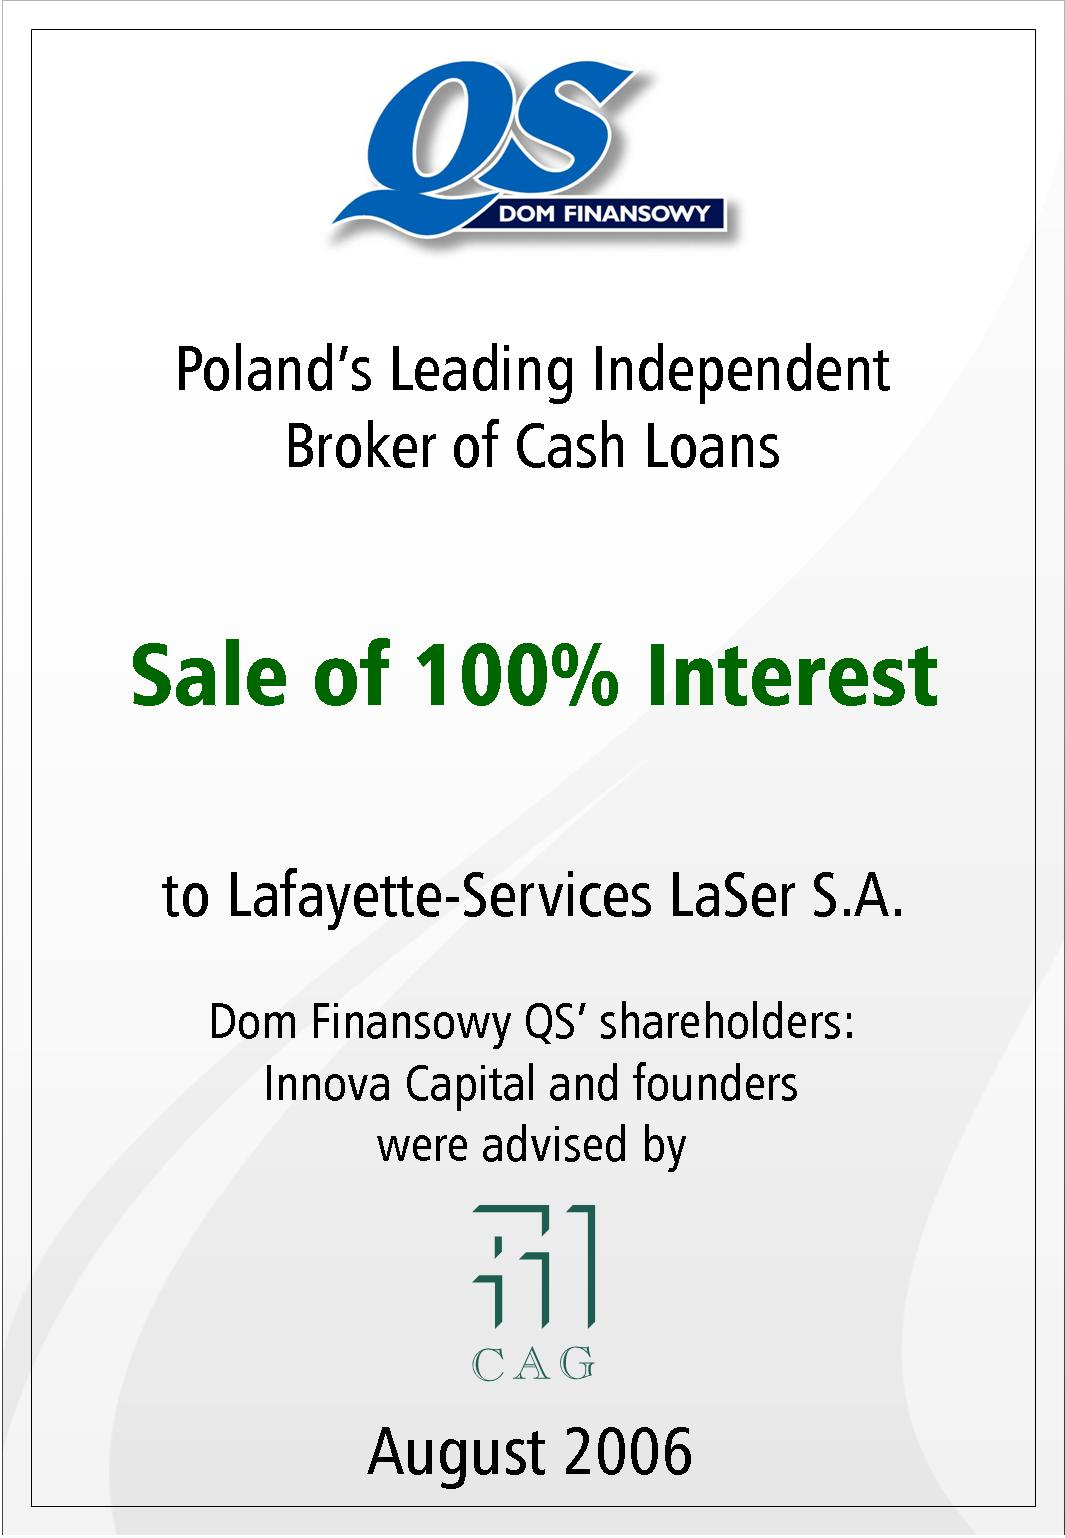 QS Dom Finansowy